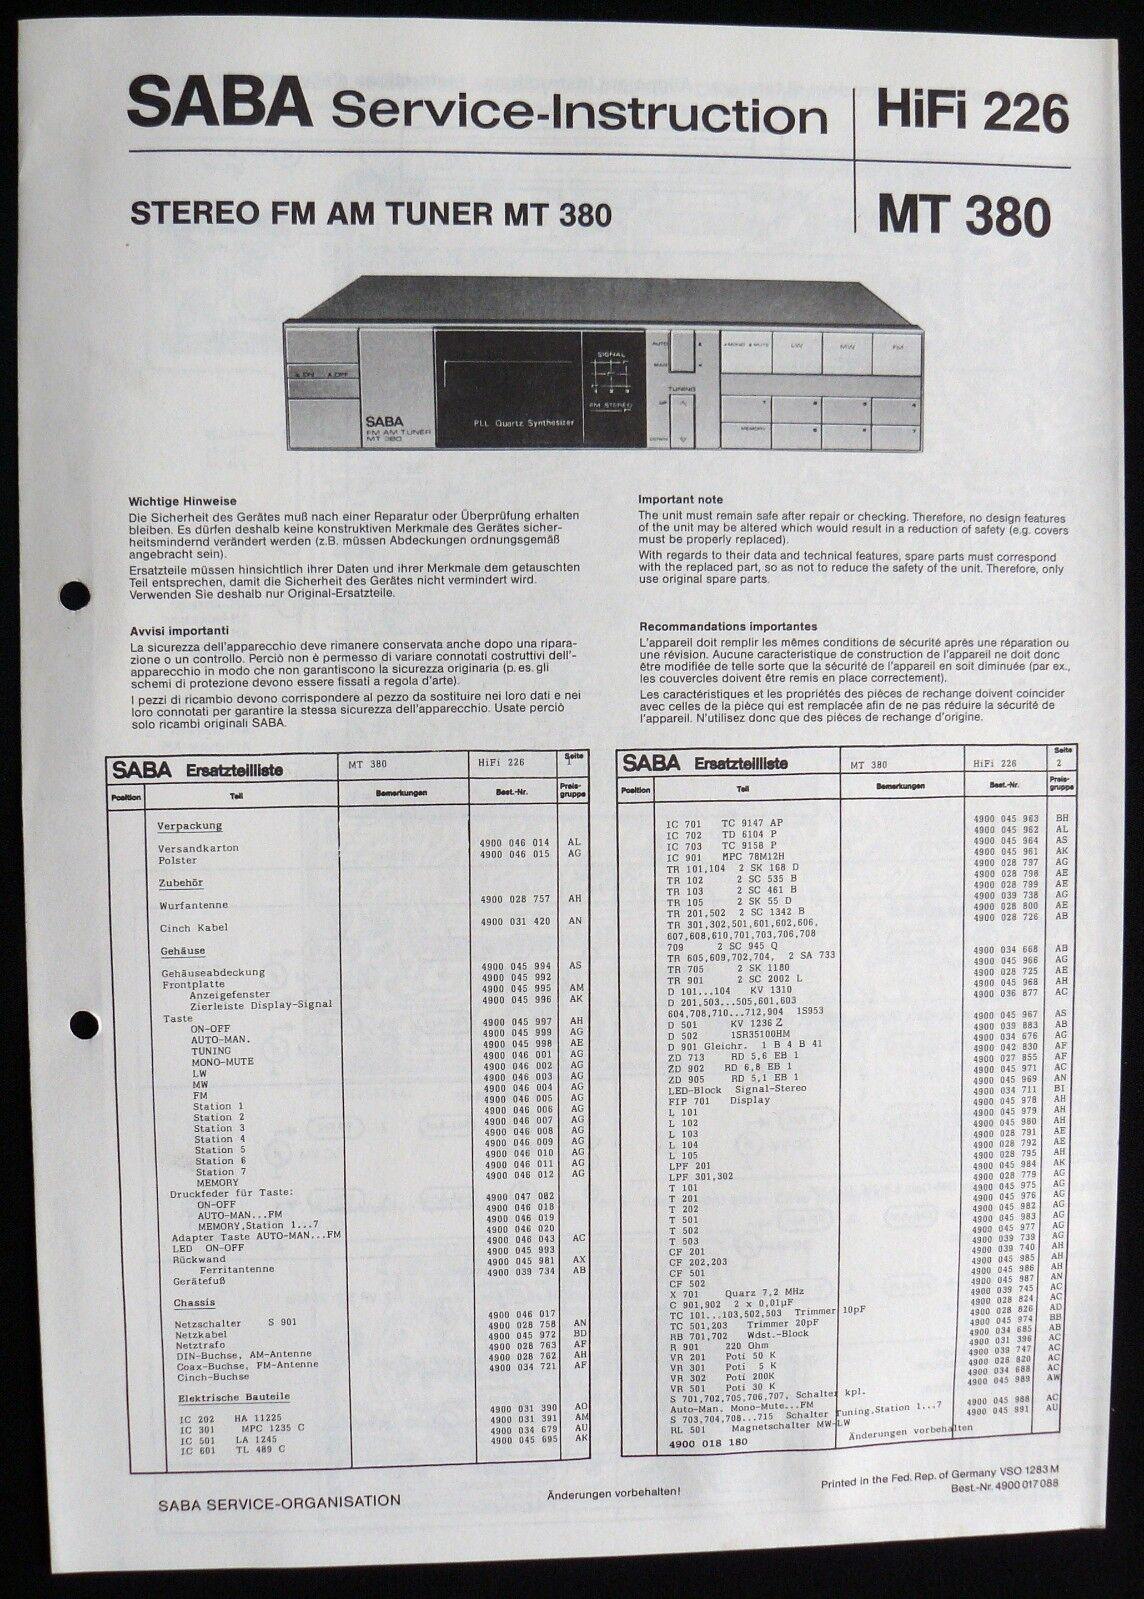 SABA HiFi 226 -AM FM Tuner MT 380 Schaltbild Ersatzteilliste Service-Instruction